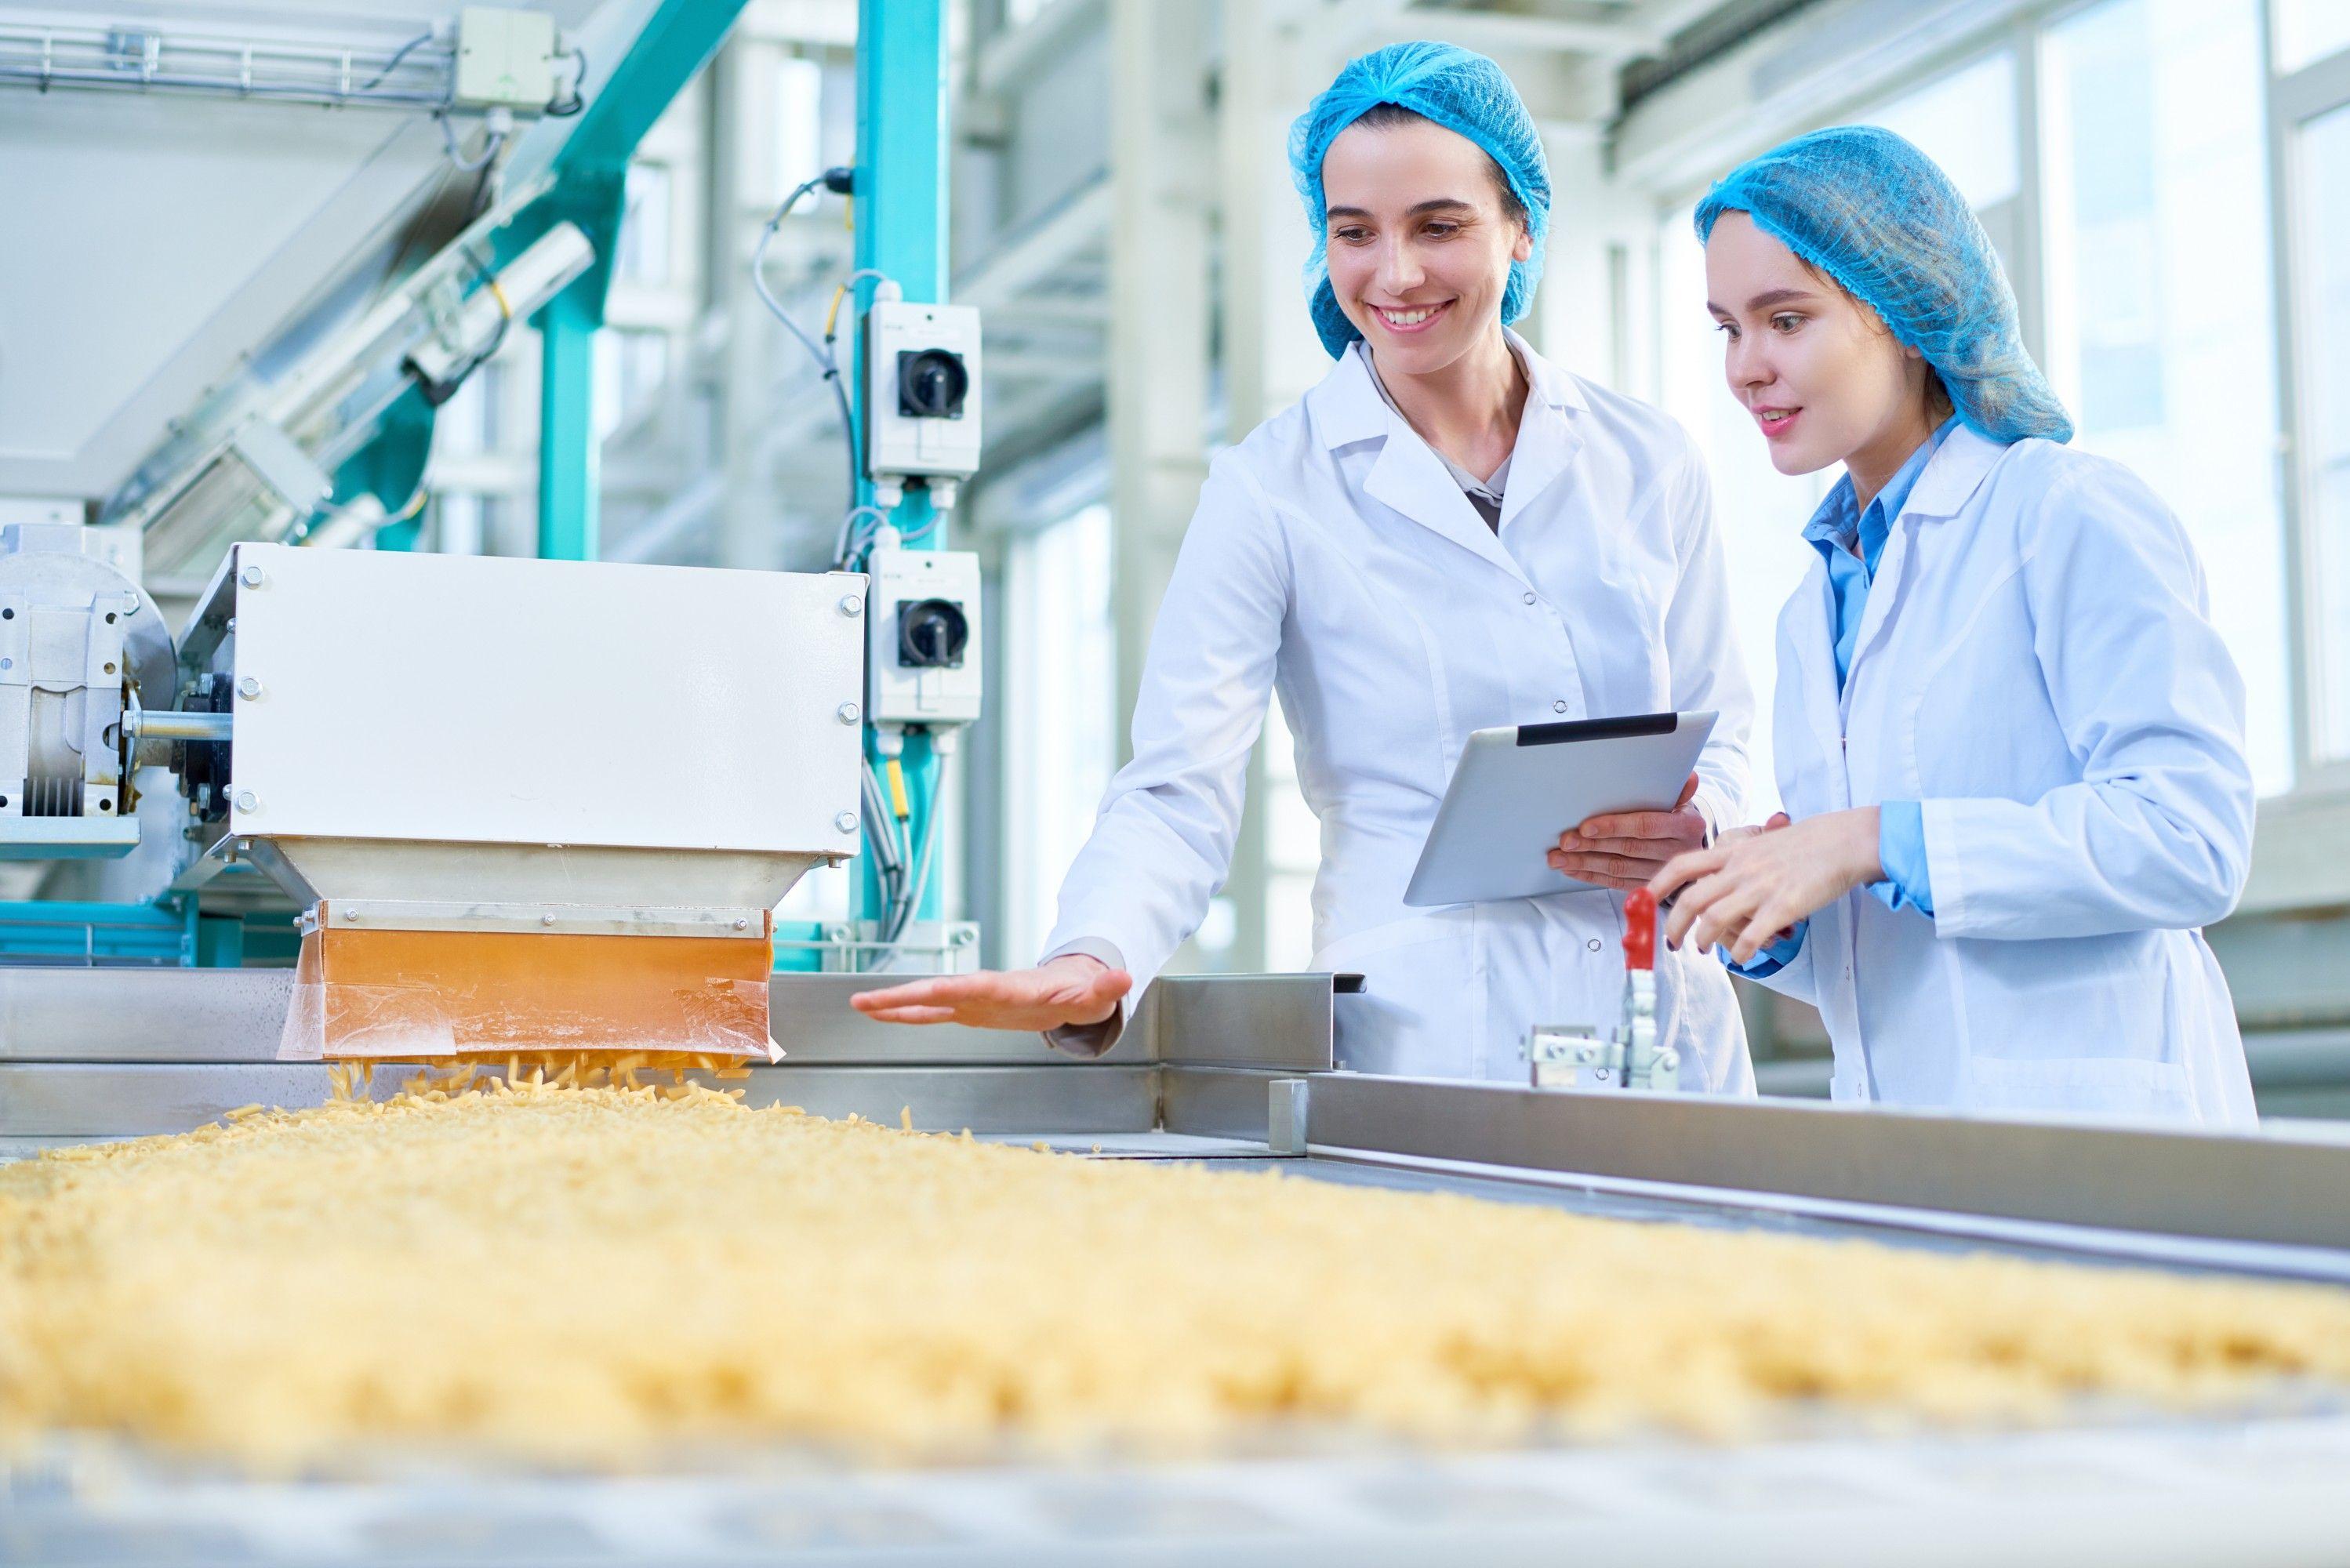 mercado de trabalho para nutricionista